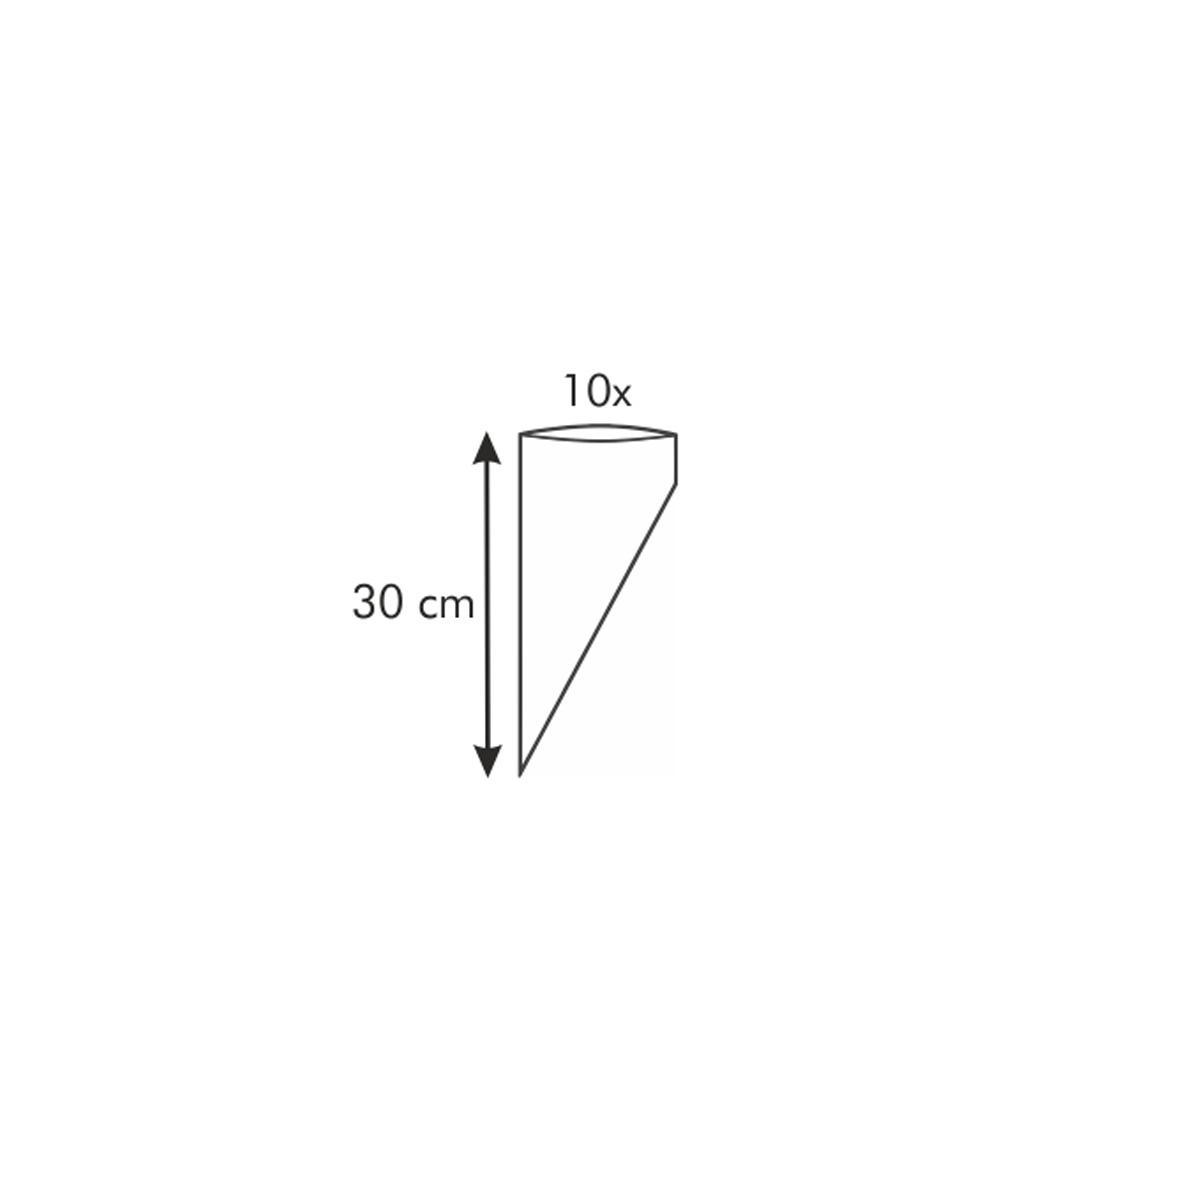 Zdobicí sáček DELÍCIA 30 cm, 10 ks